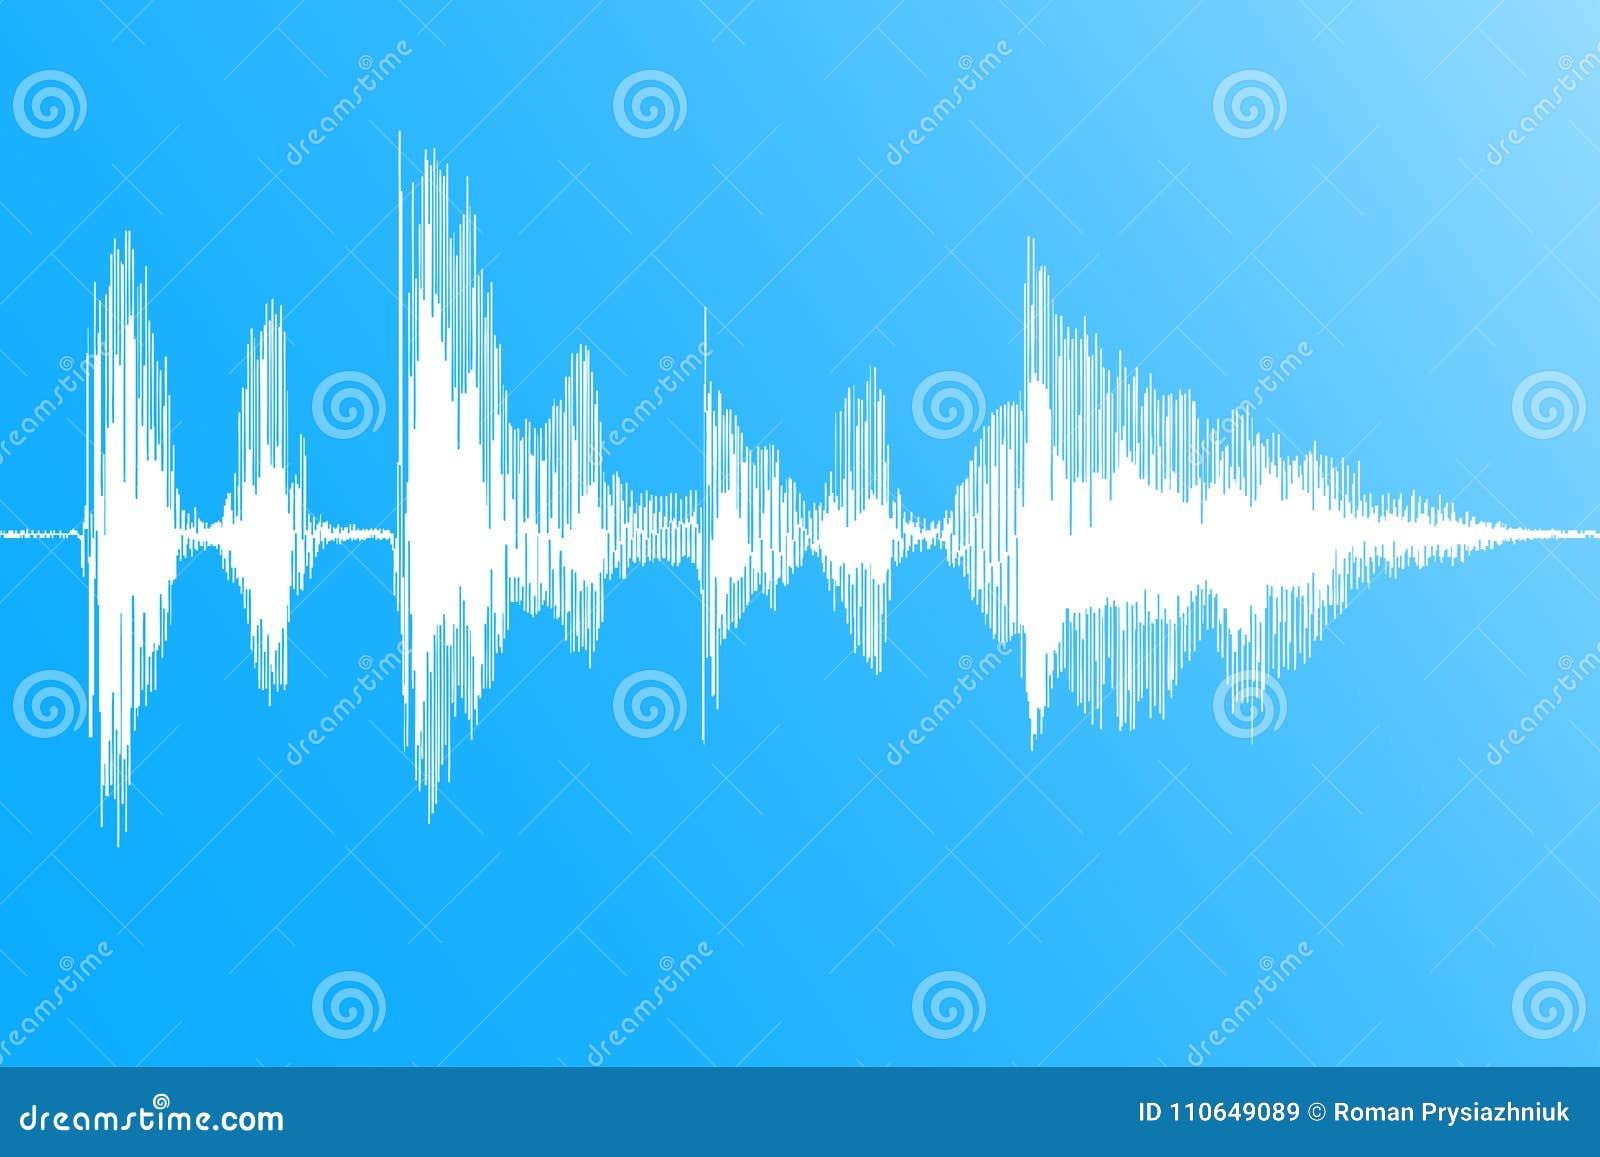 Correcte golf Realistische dynamische soundwave, muziek digitale stroom op blauwe achtergrond Vector